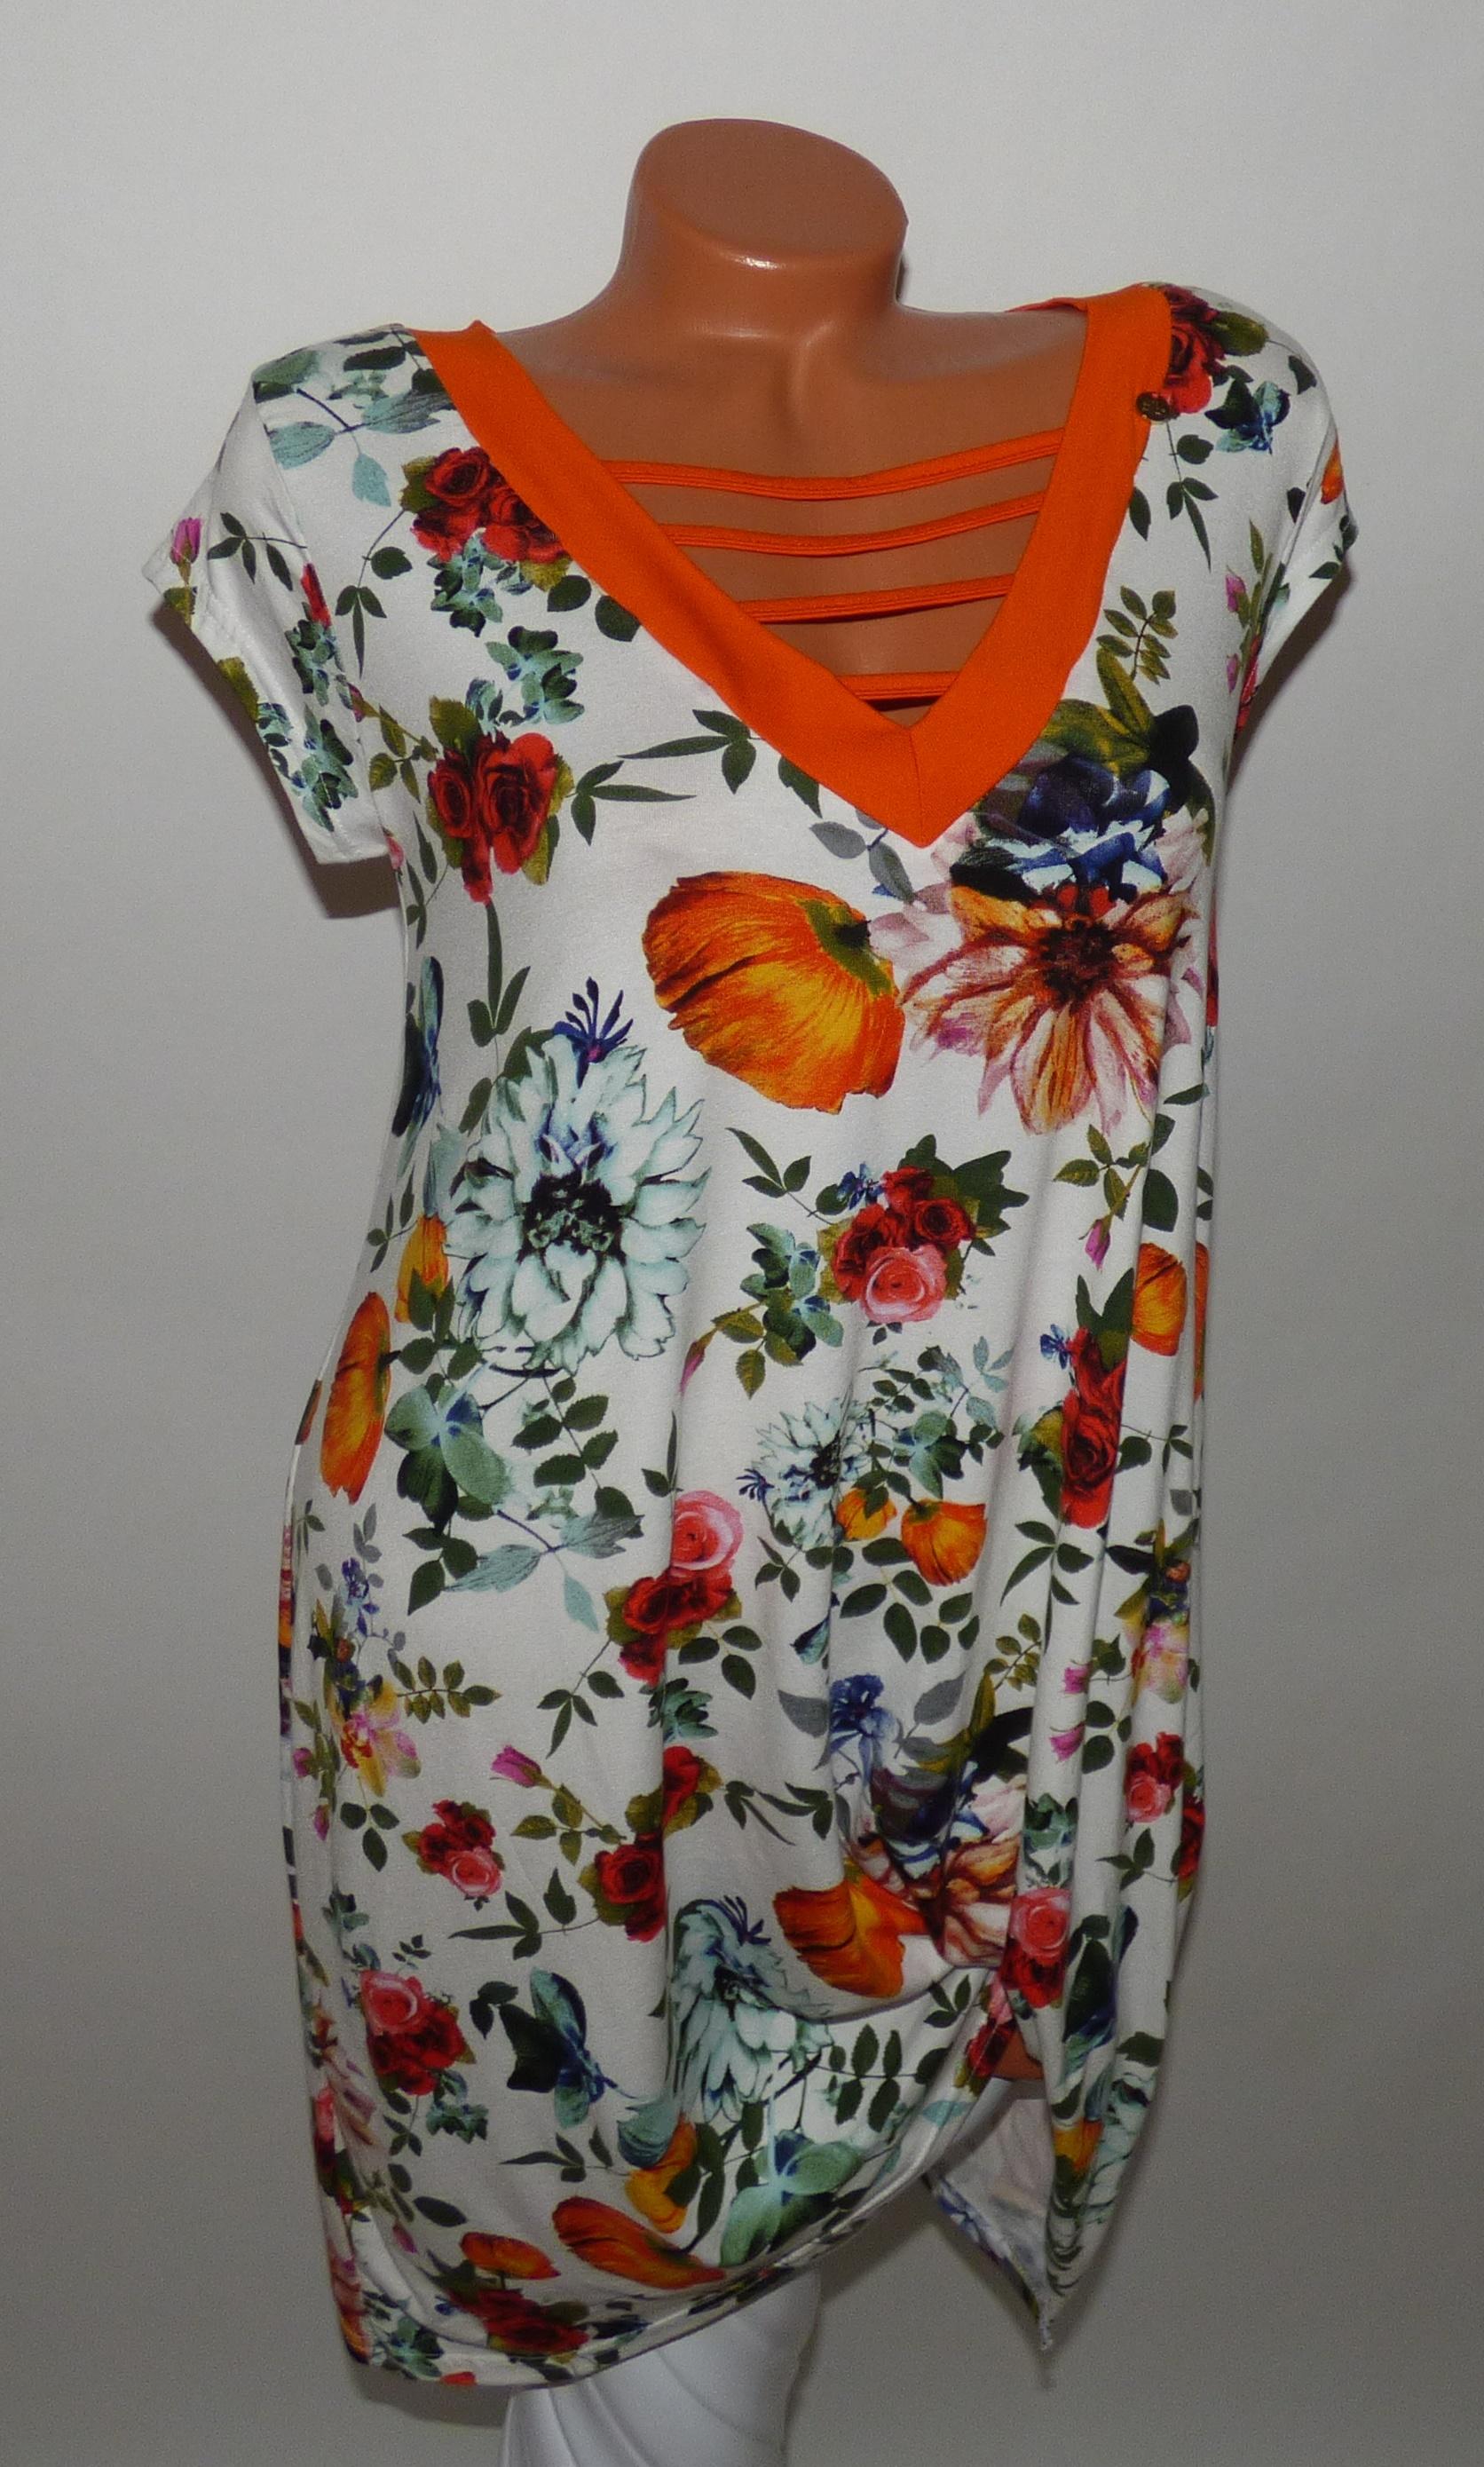 BEBE virágmintás tunika - Tunika - Luna Gardrobe Női ruha WebÁruház ... 807c15bef8